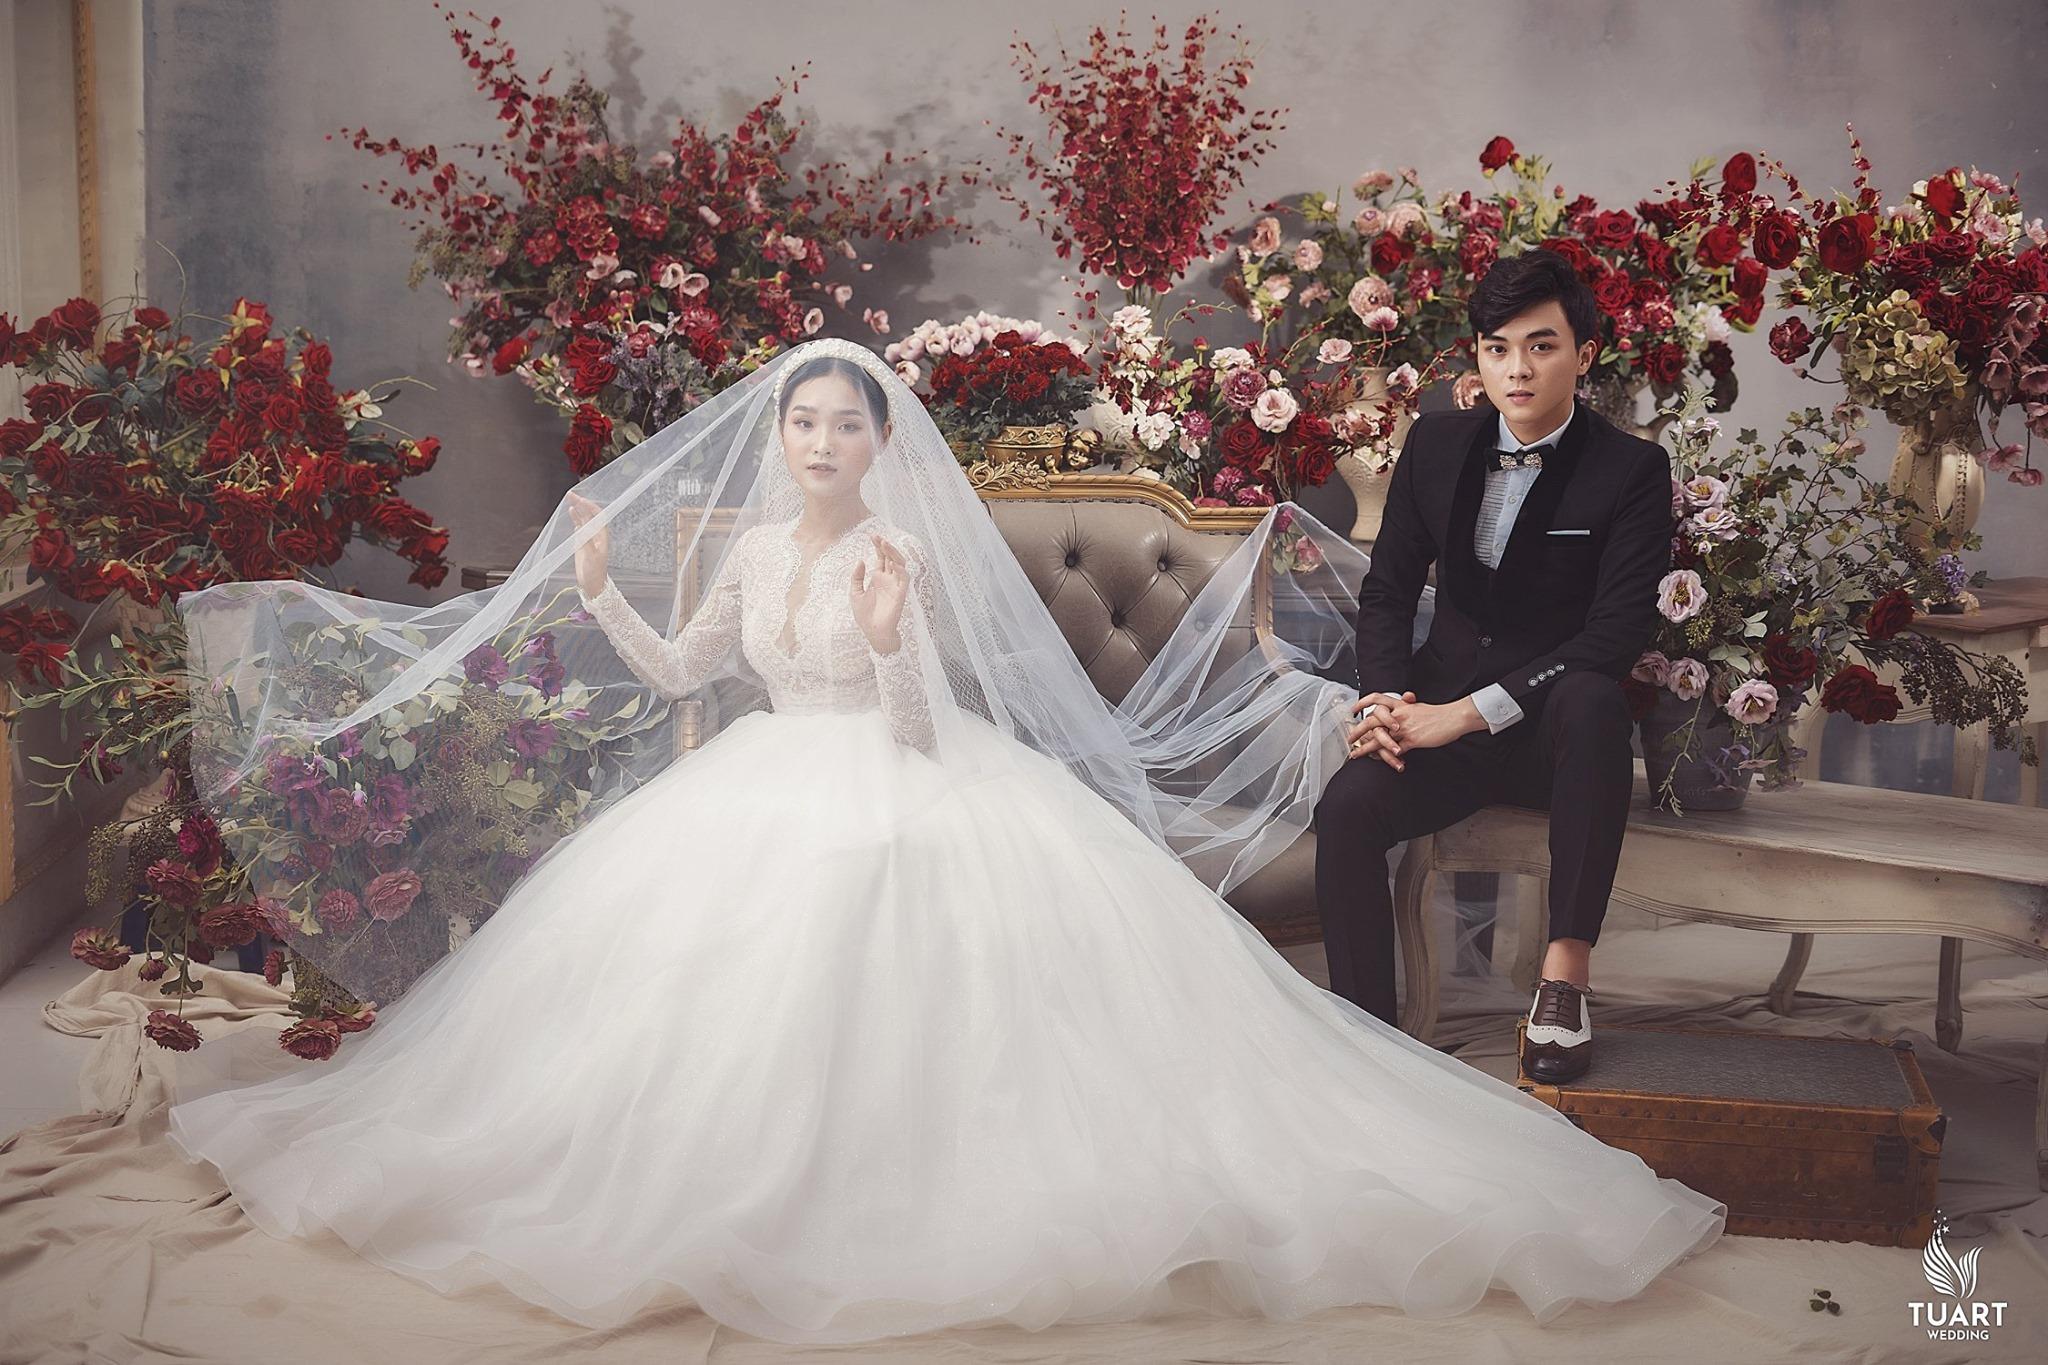 Album ảnh cưới đẹp Hàn Quốc tại phim trường Santorini Hà Nội 21